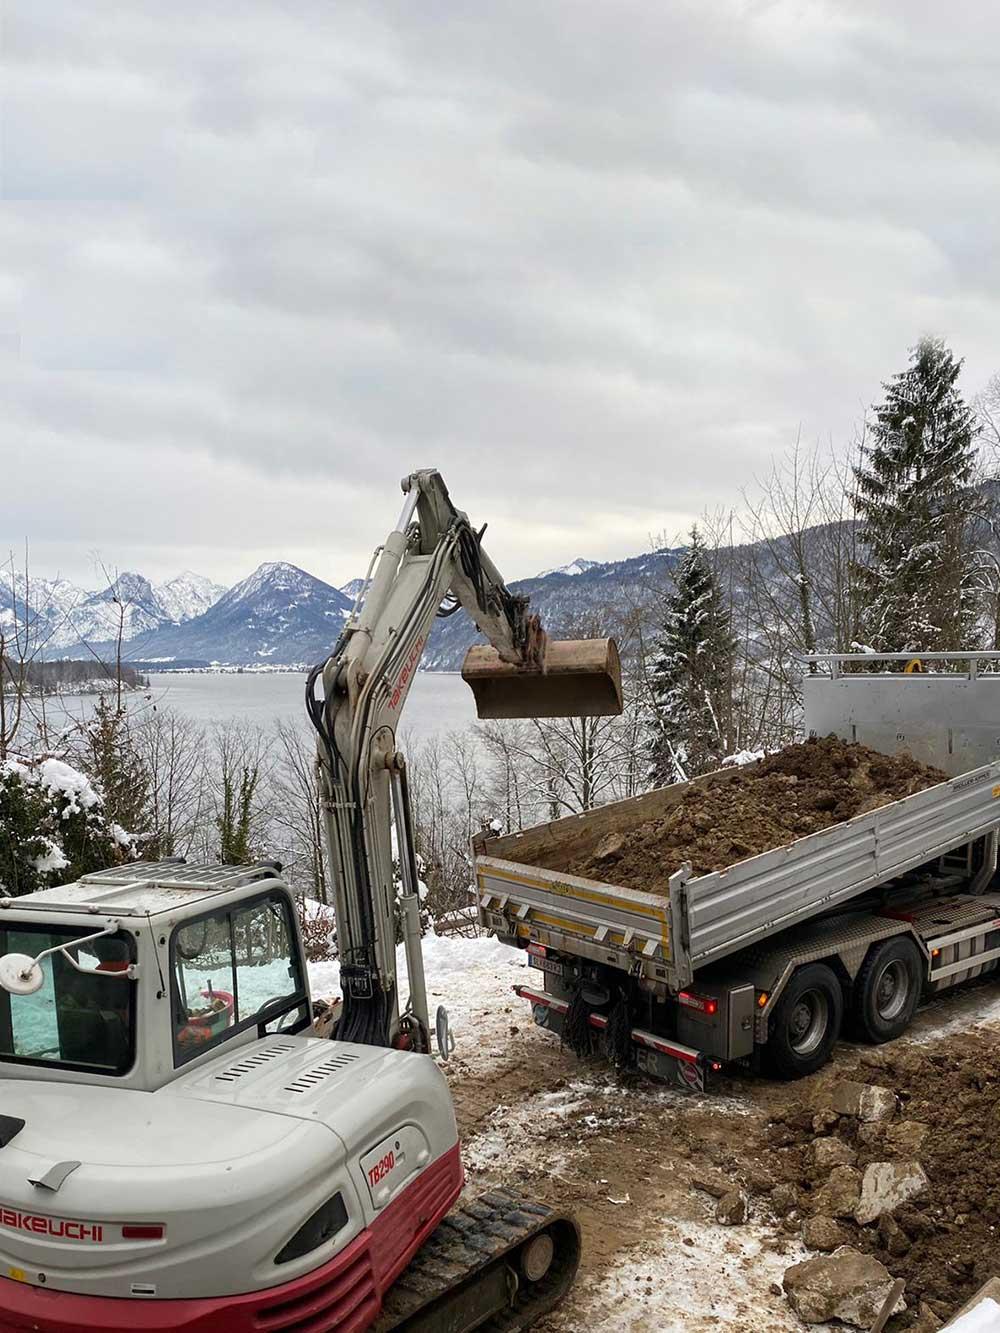 MD Erdbau auf einer Baustelle bei Durchführung von Erdbauarbeiten